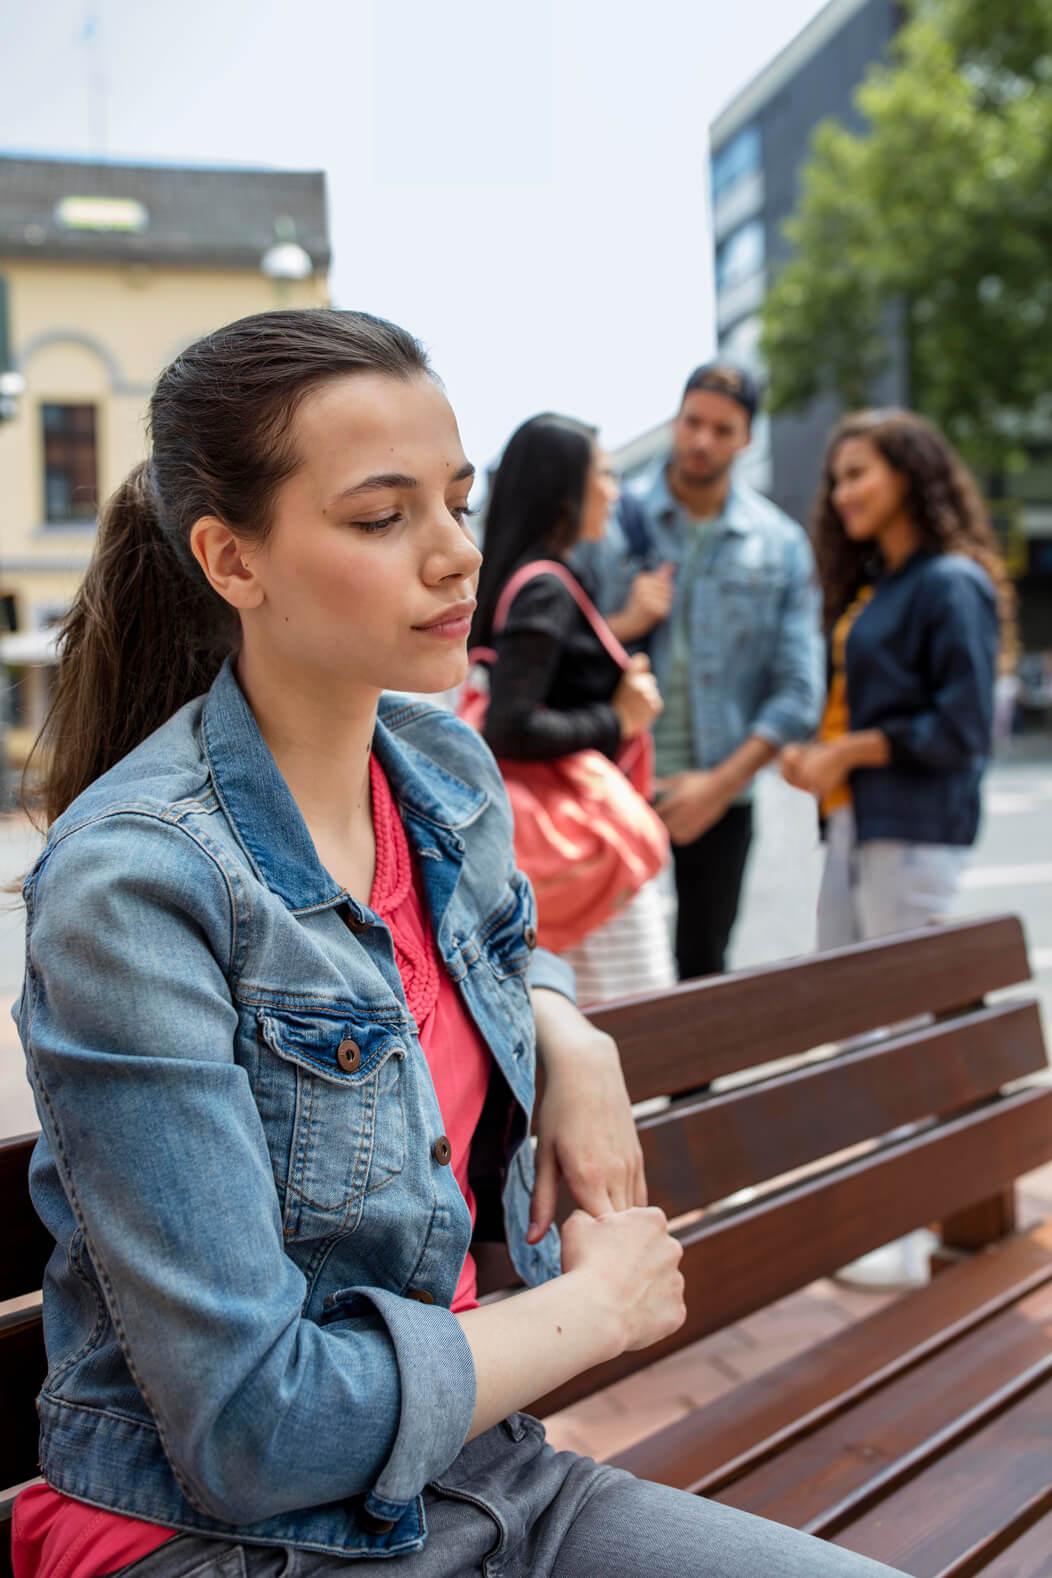 Frau sitzt abgegrenzt von einer Gruppe auf einer Parkbank.